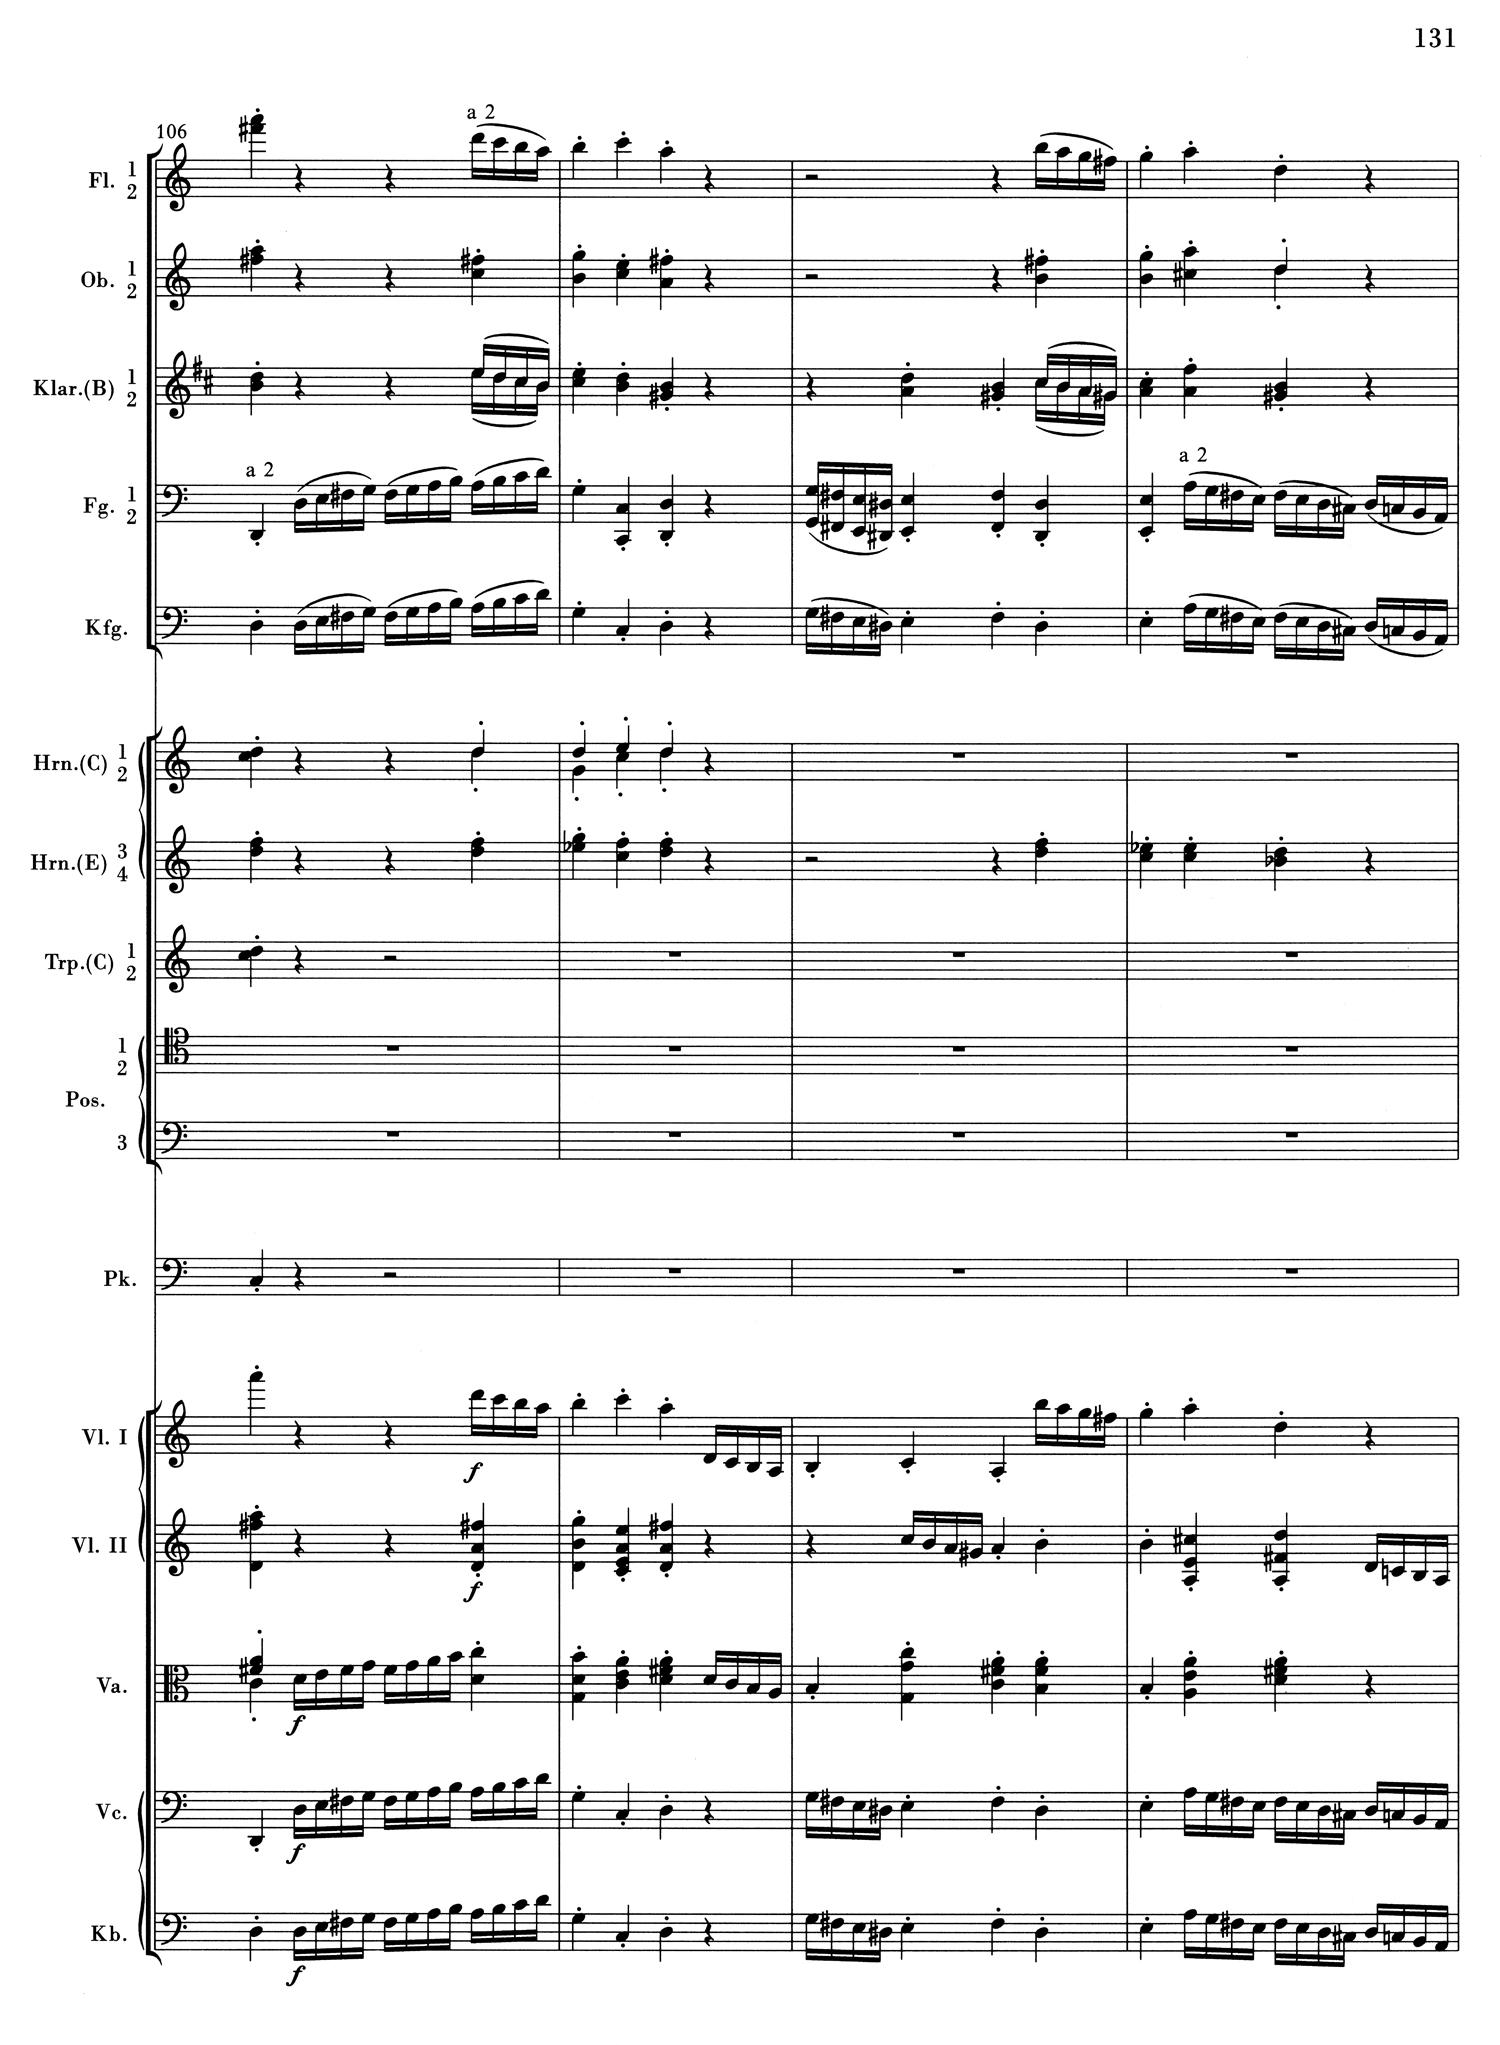 Brahms 1 Mvt 4 Score 3.jpg